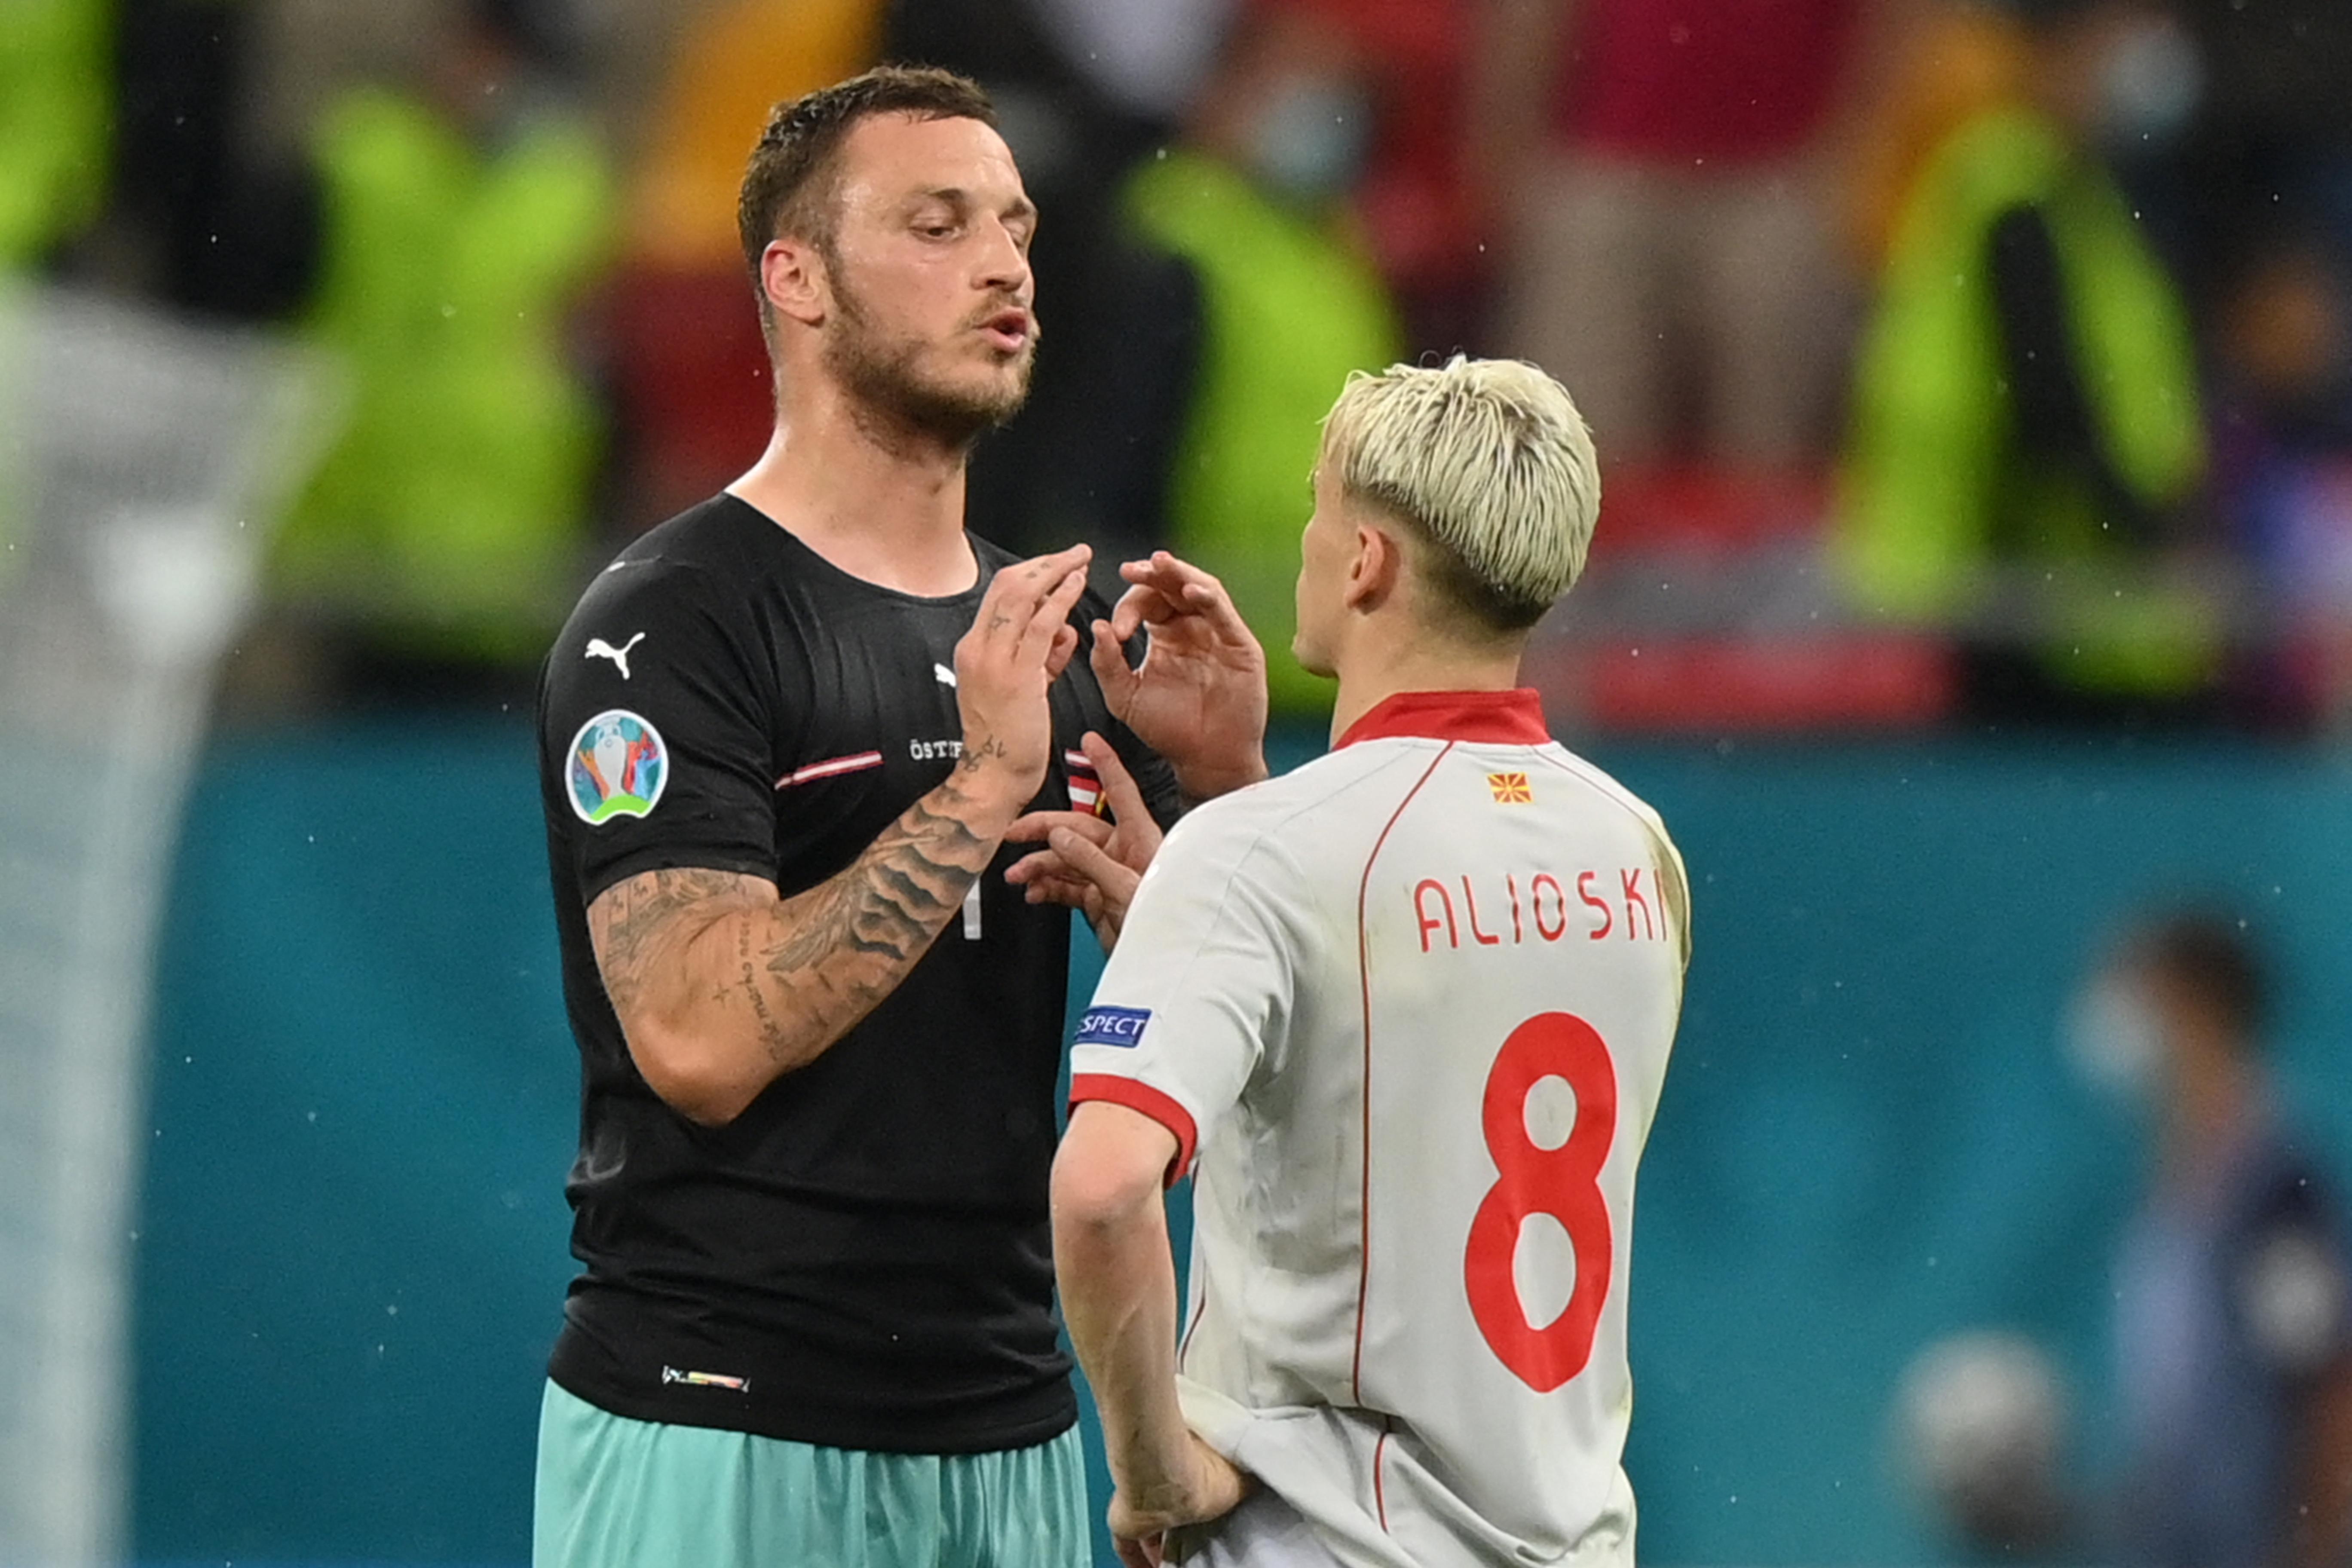 Az Észak-Macedóniai Futballszövetség azt kéri az UEFA-tól, hogy büntessék meg Arnautovićot nacionalista kirohanása miatt